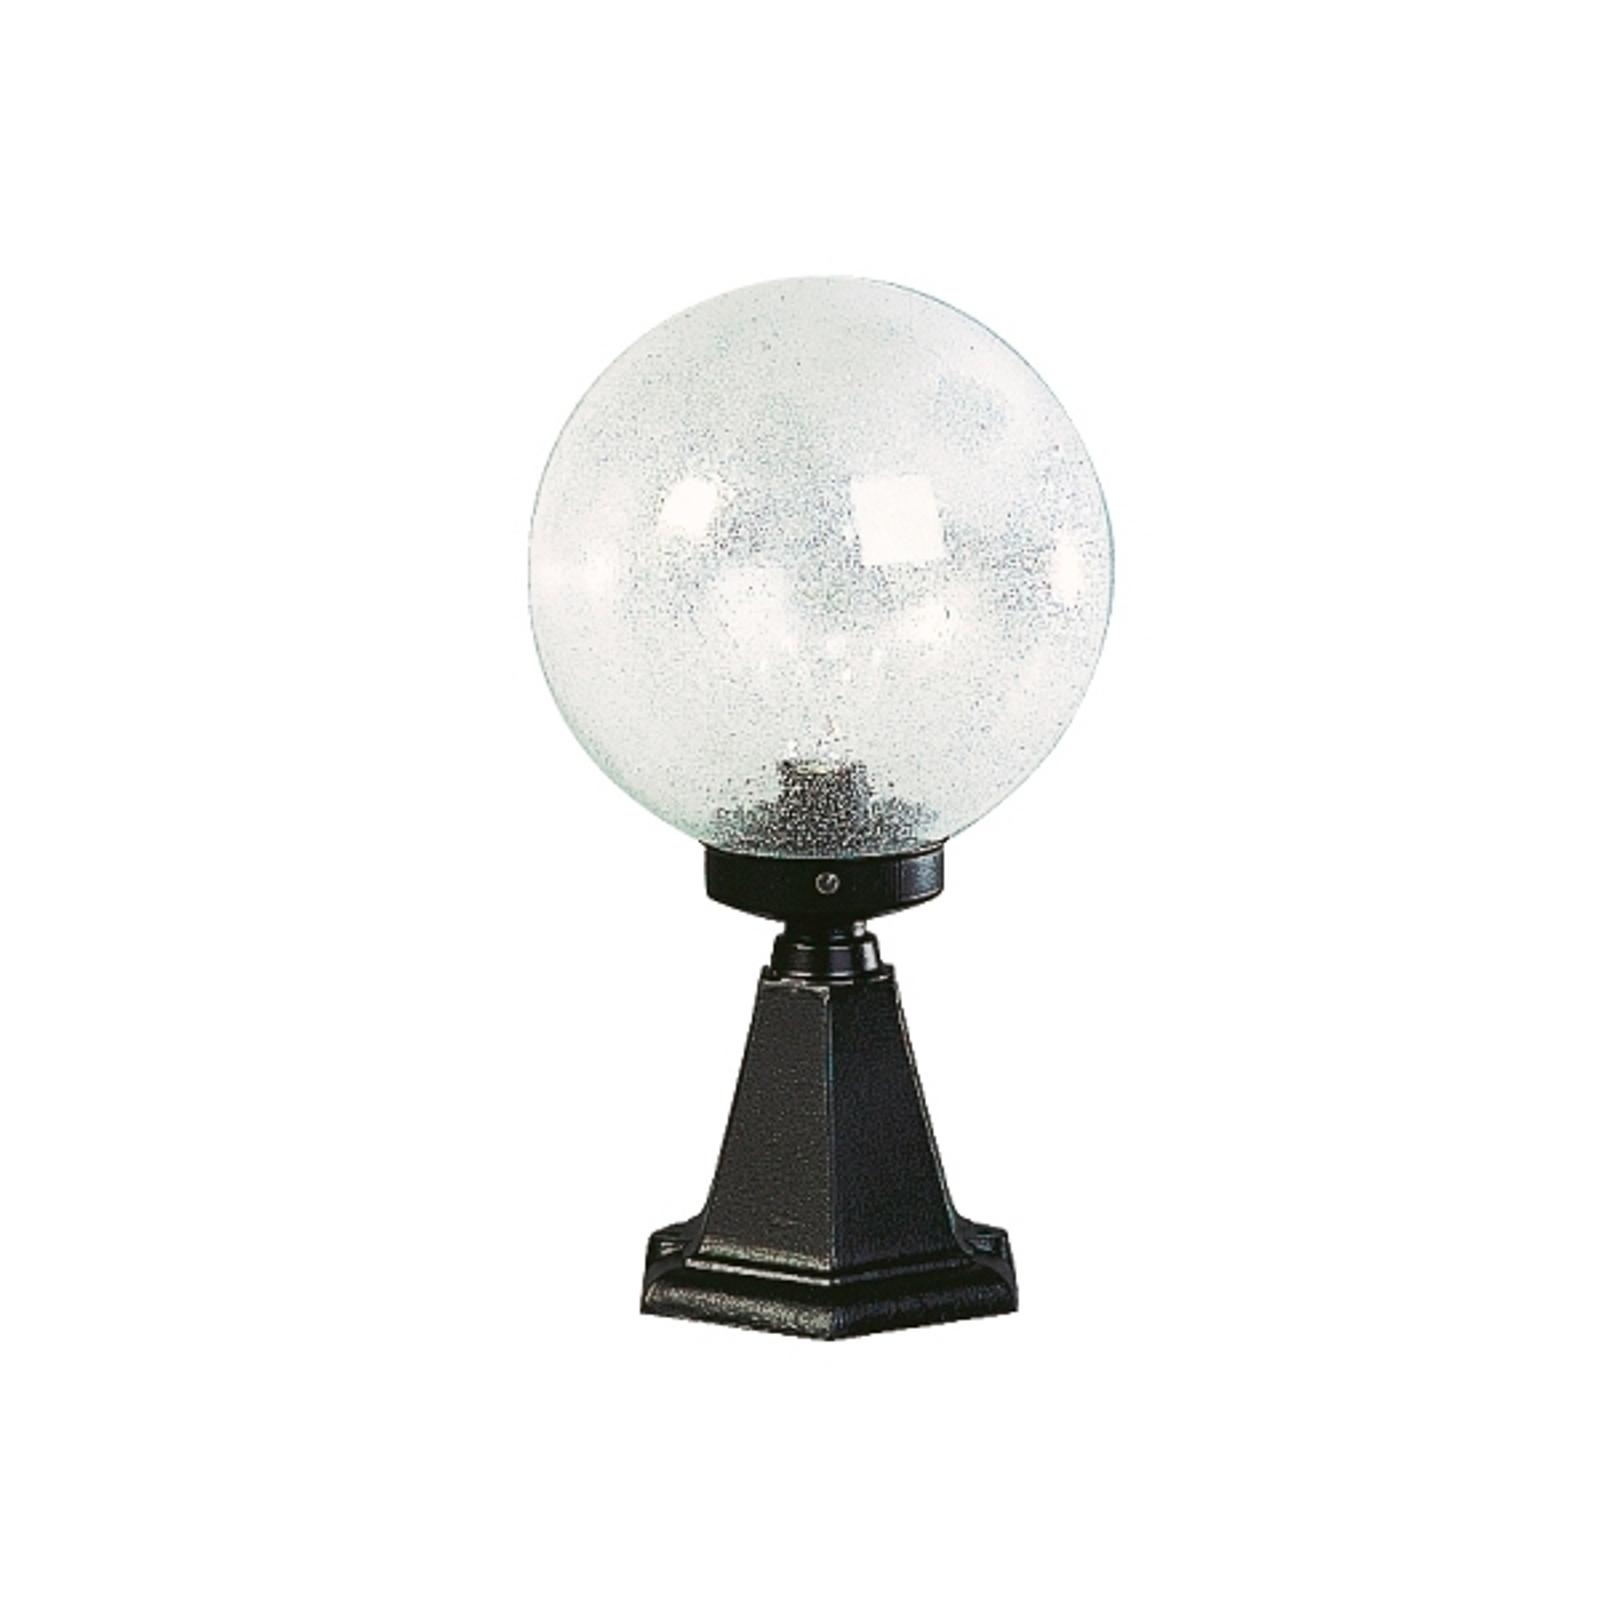 Luminaire pour socle I en verre à bulles noir